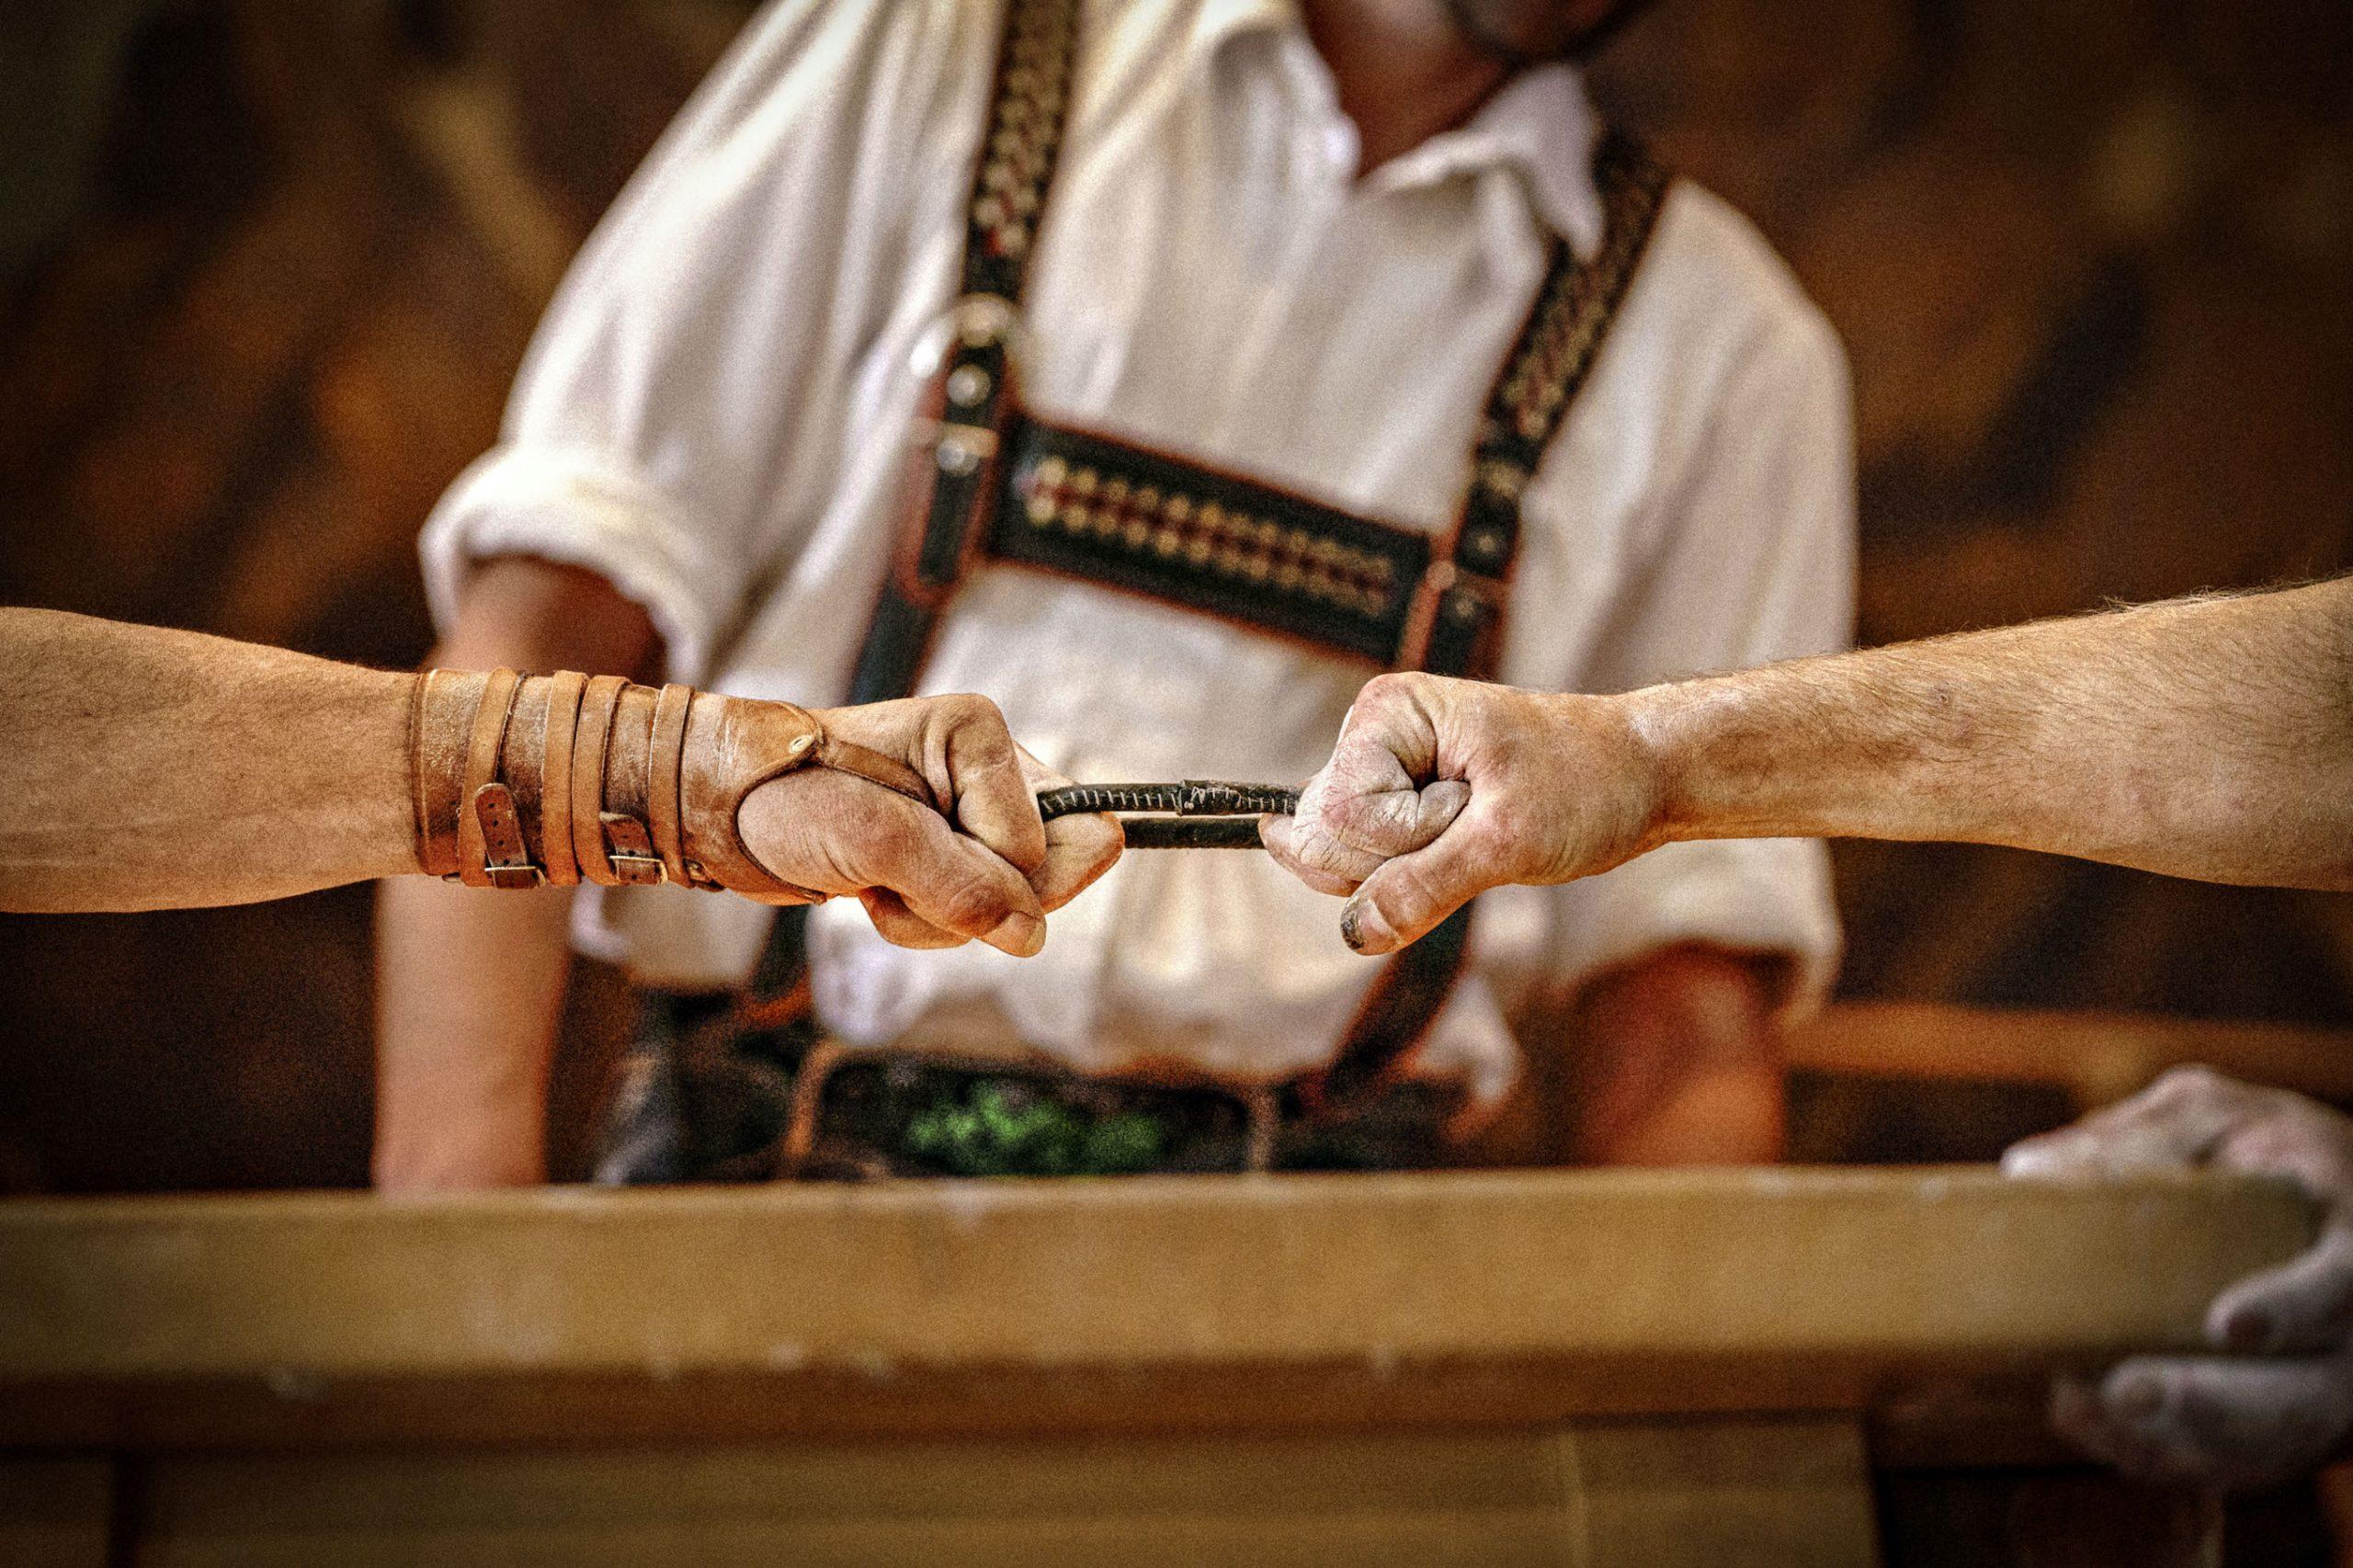 Zwei kräftige Hände von Fingerhaklern ziehen an einem Lederriemen